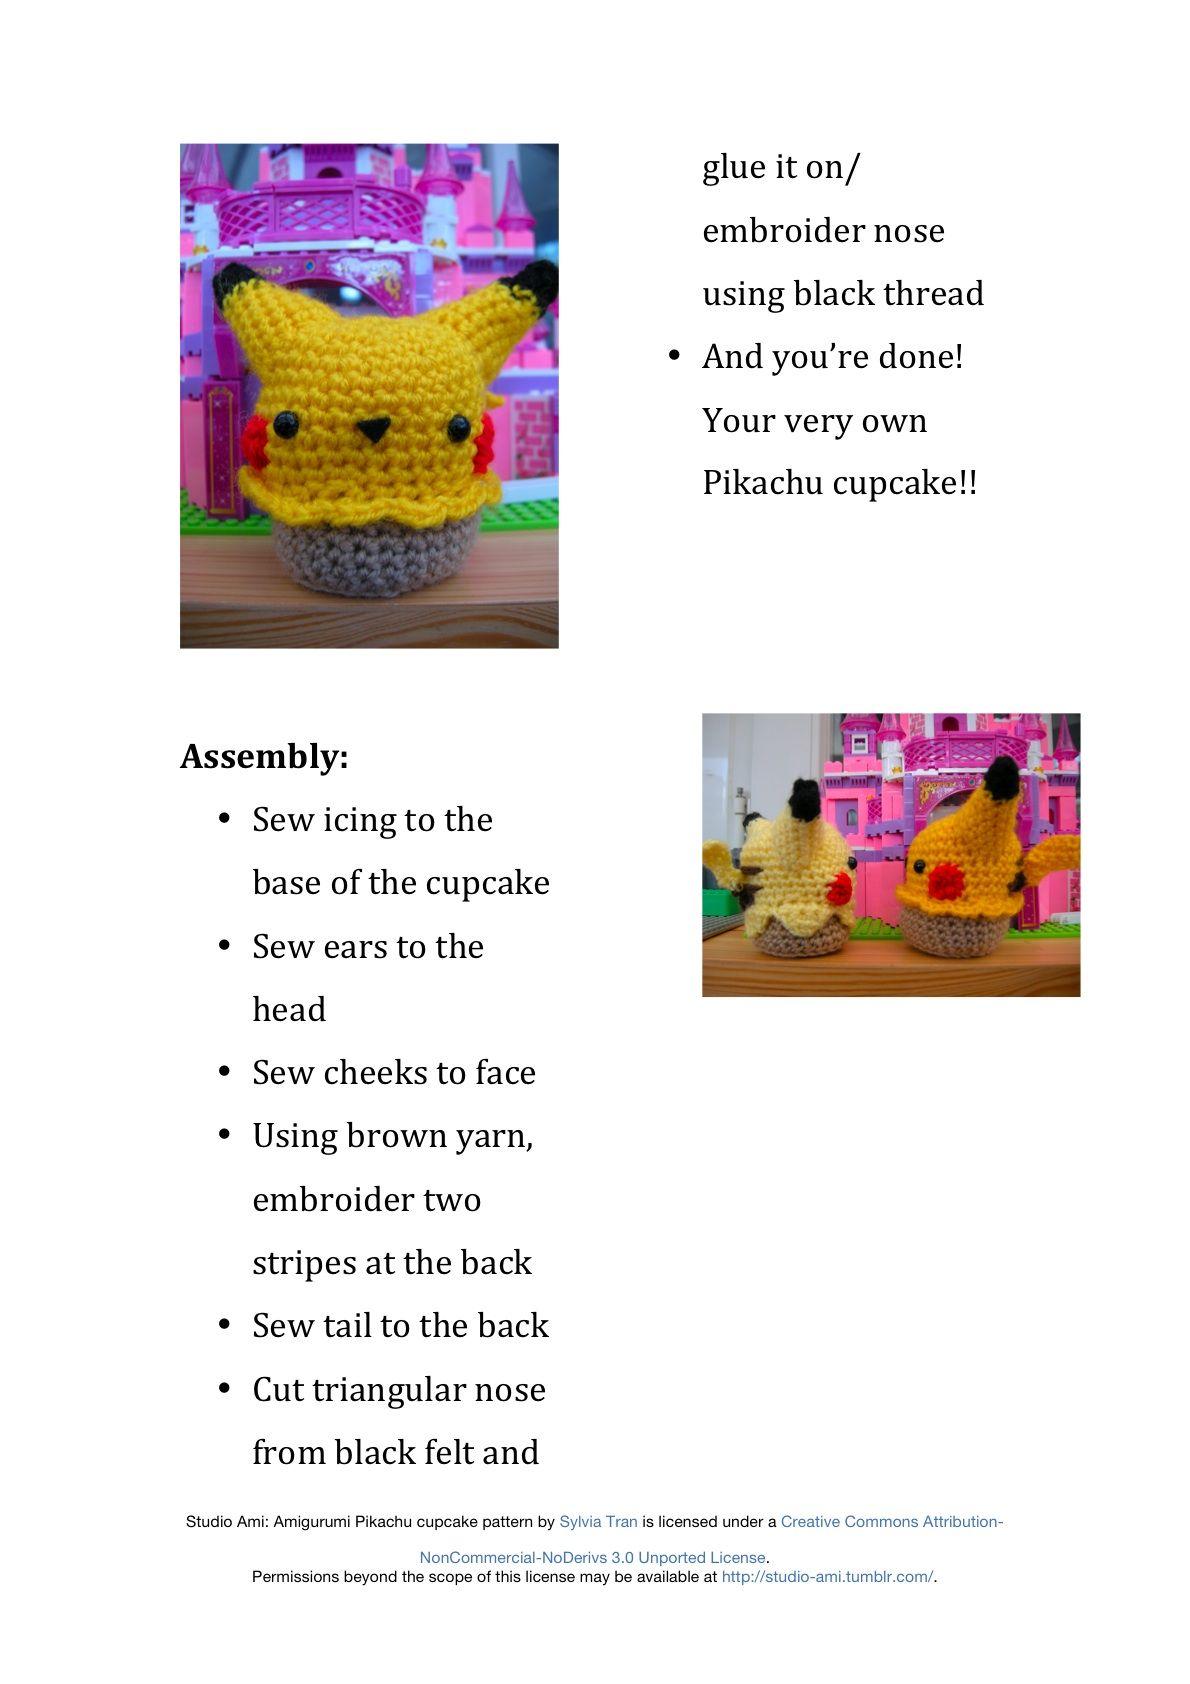 Amigurumi Pikachu Cupcake Pattern~ As promised, this is my pattern ...